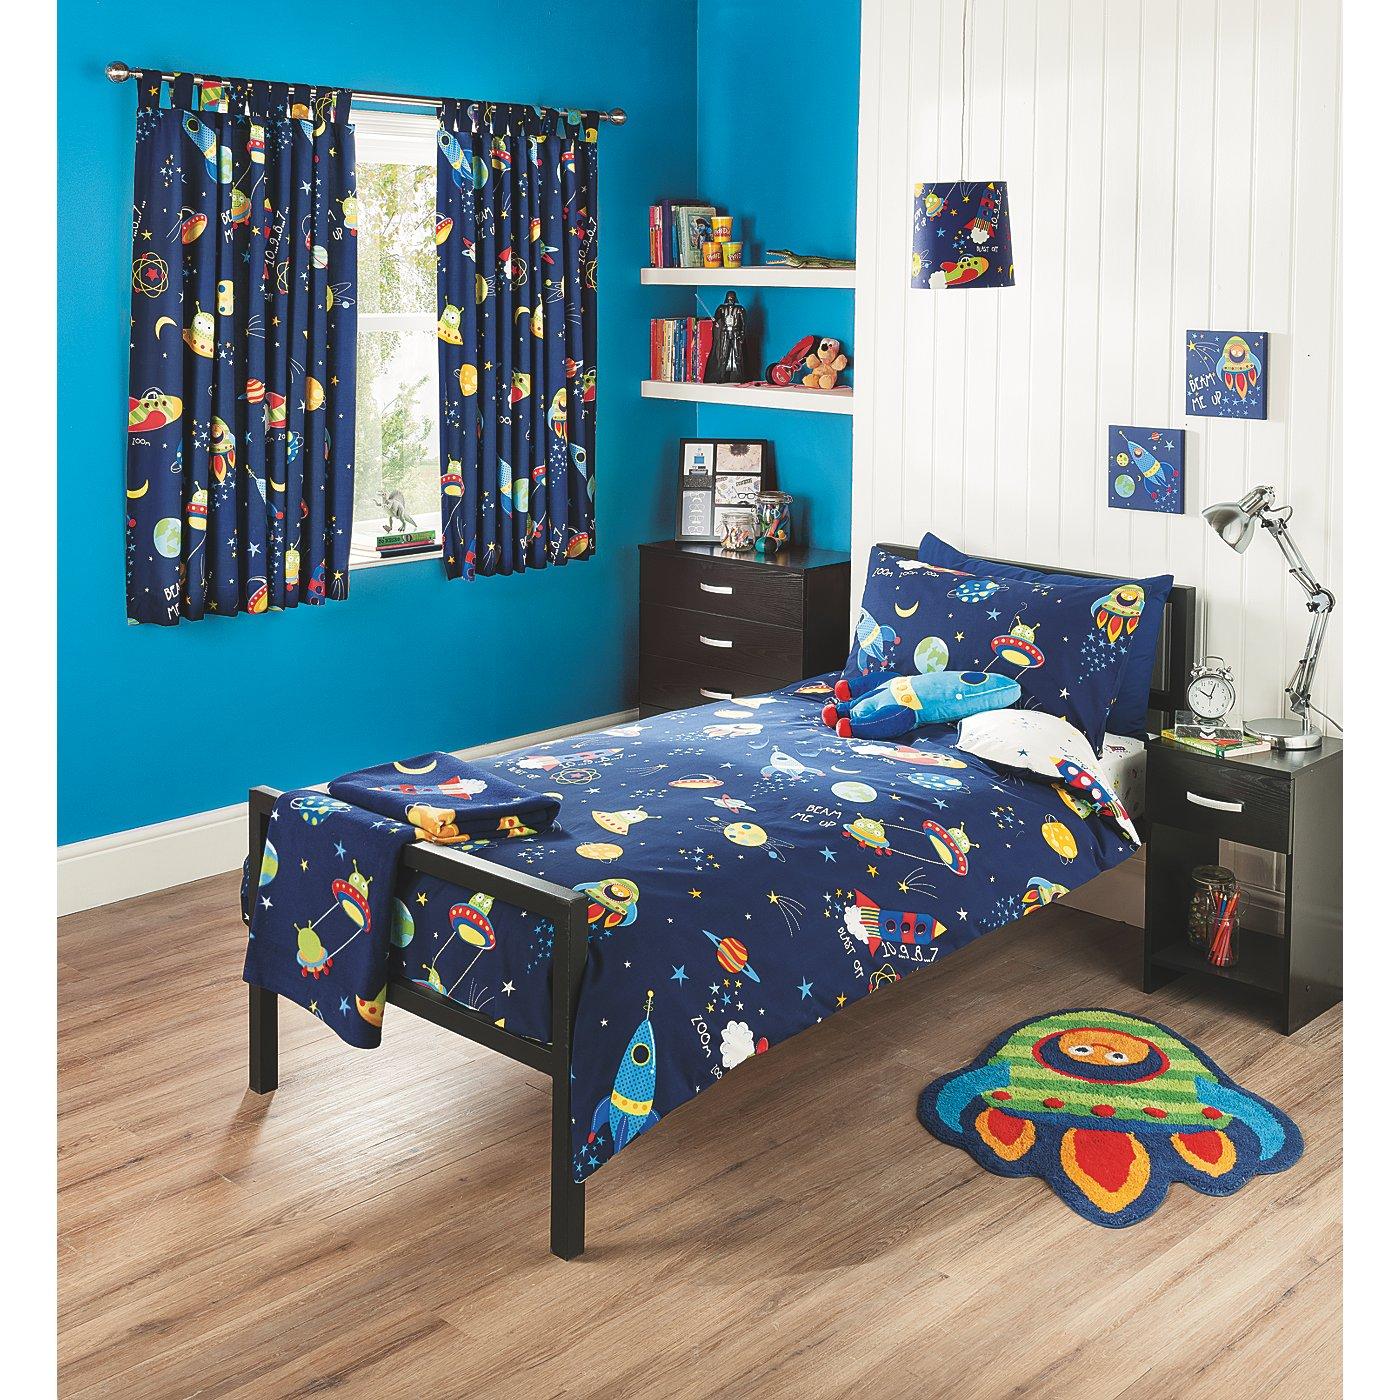 george home space bedroom range loading zoom - Space Bedroom